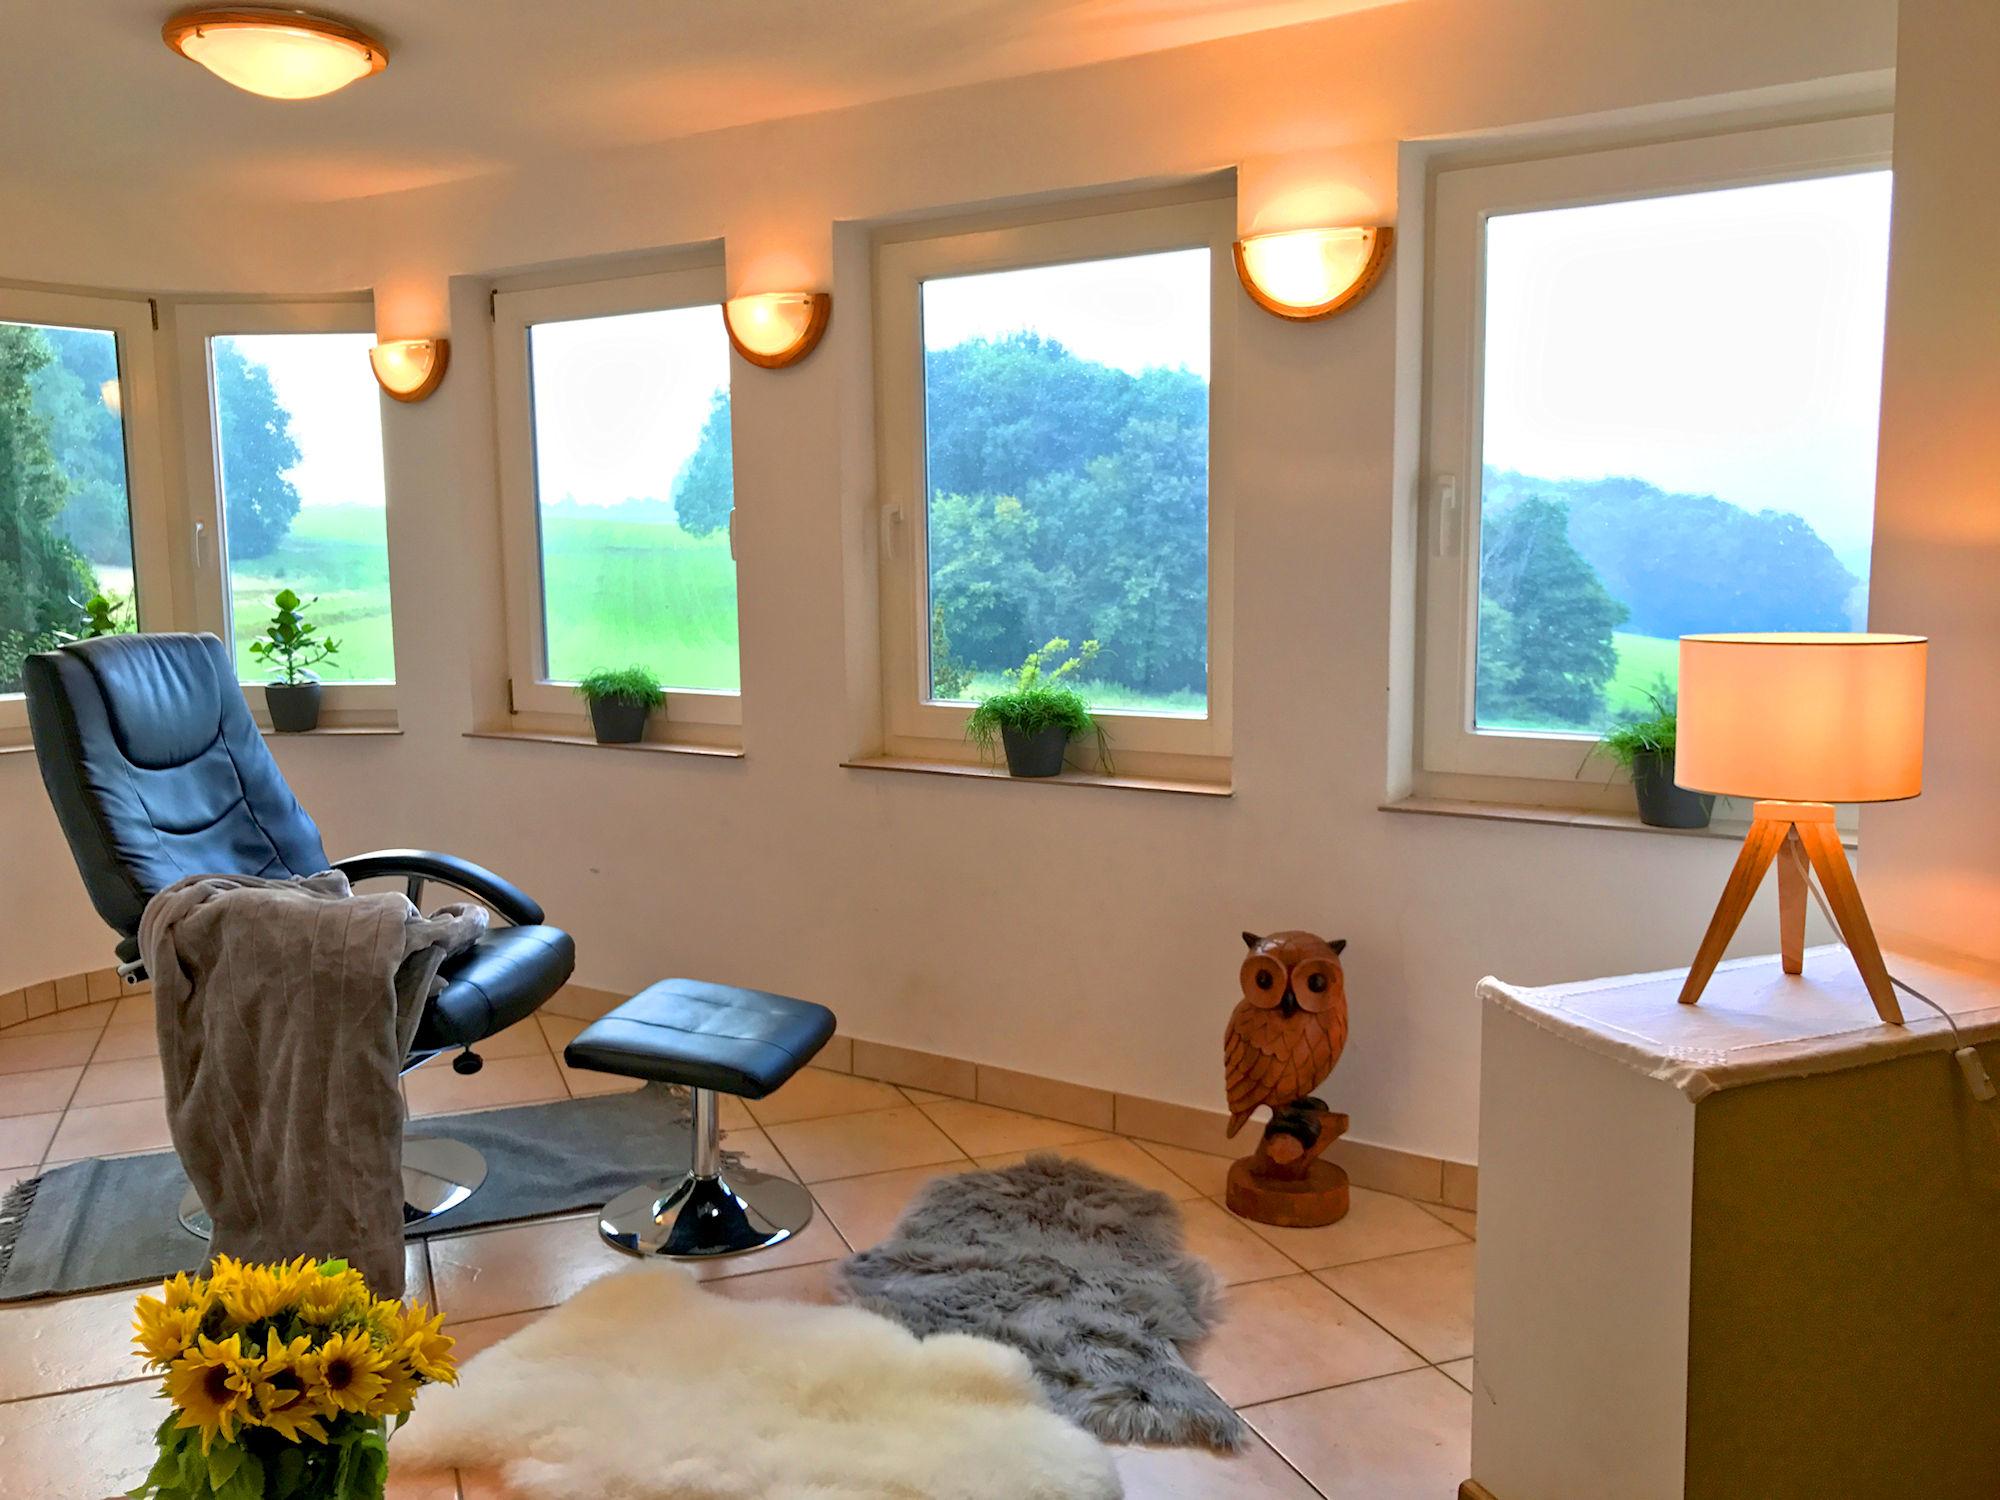 Wohnung Atelier Ferienwohnungen In Worpswede Willi Ohler Haus